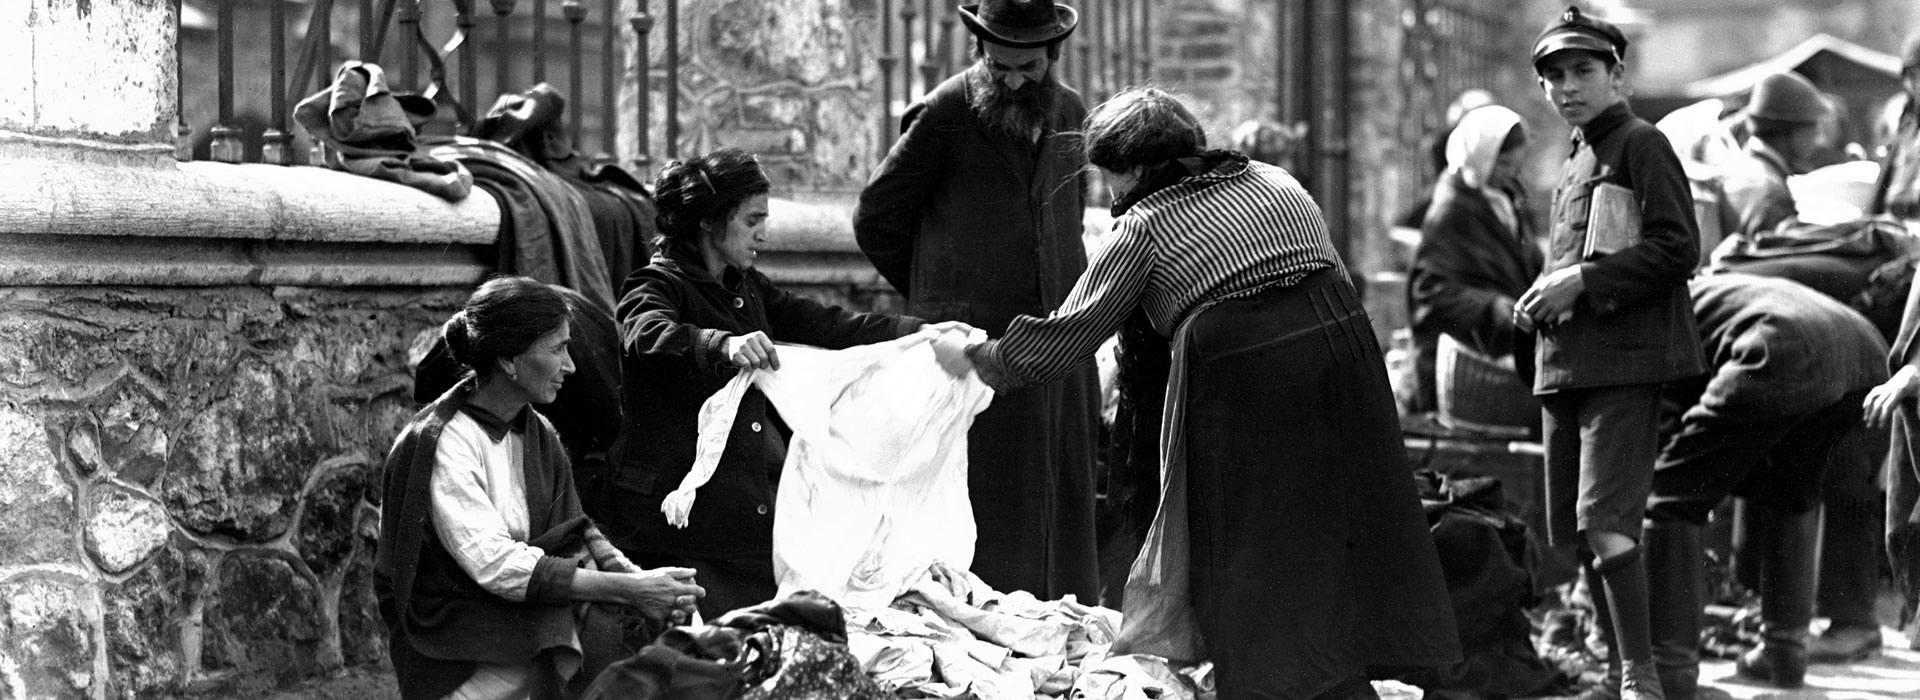 Żydowski handel uliczny